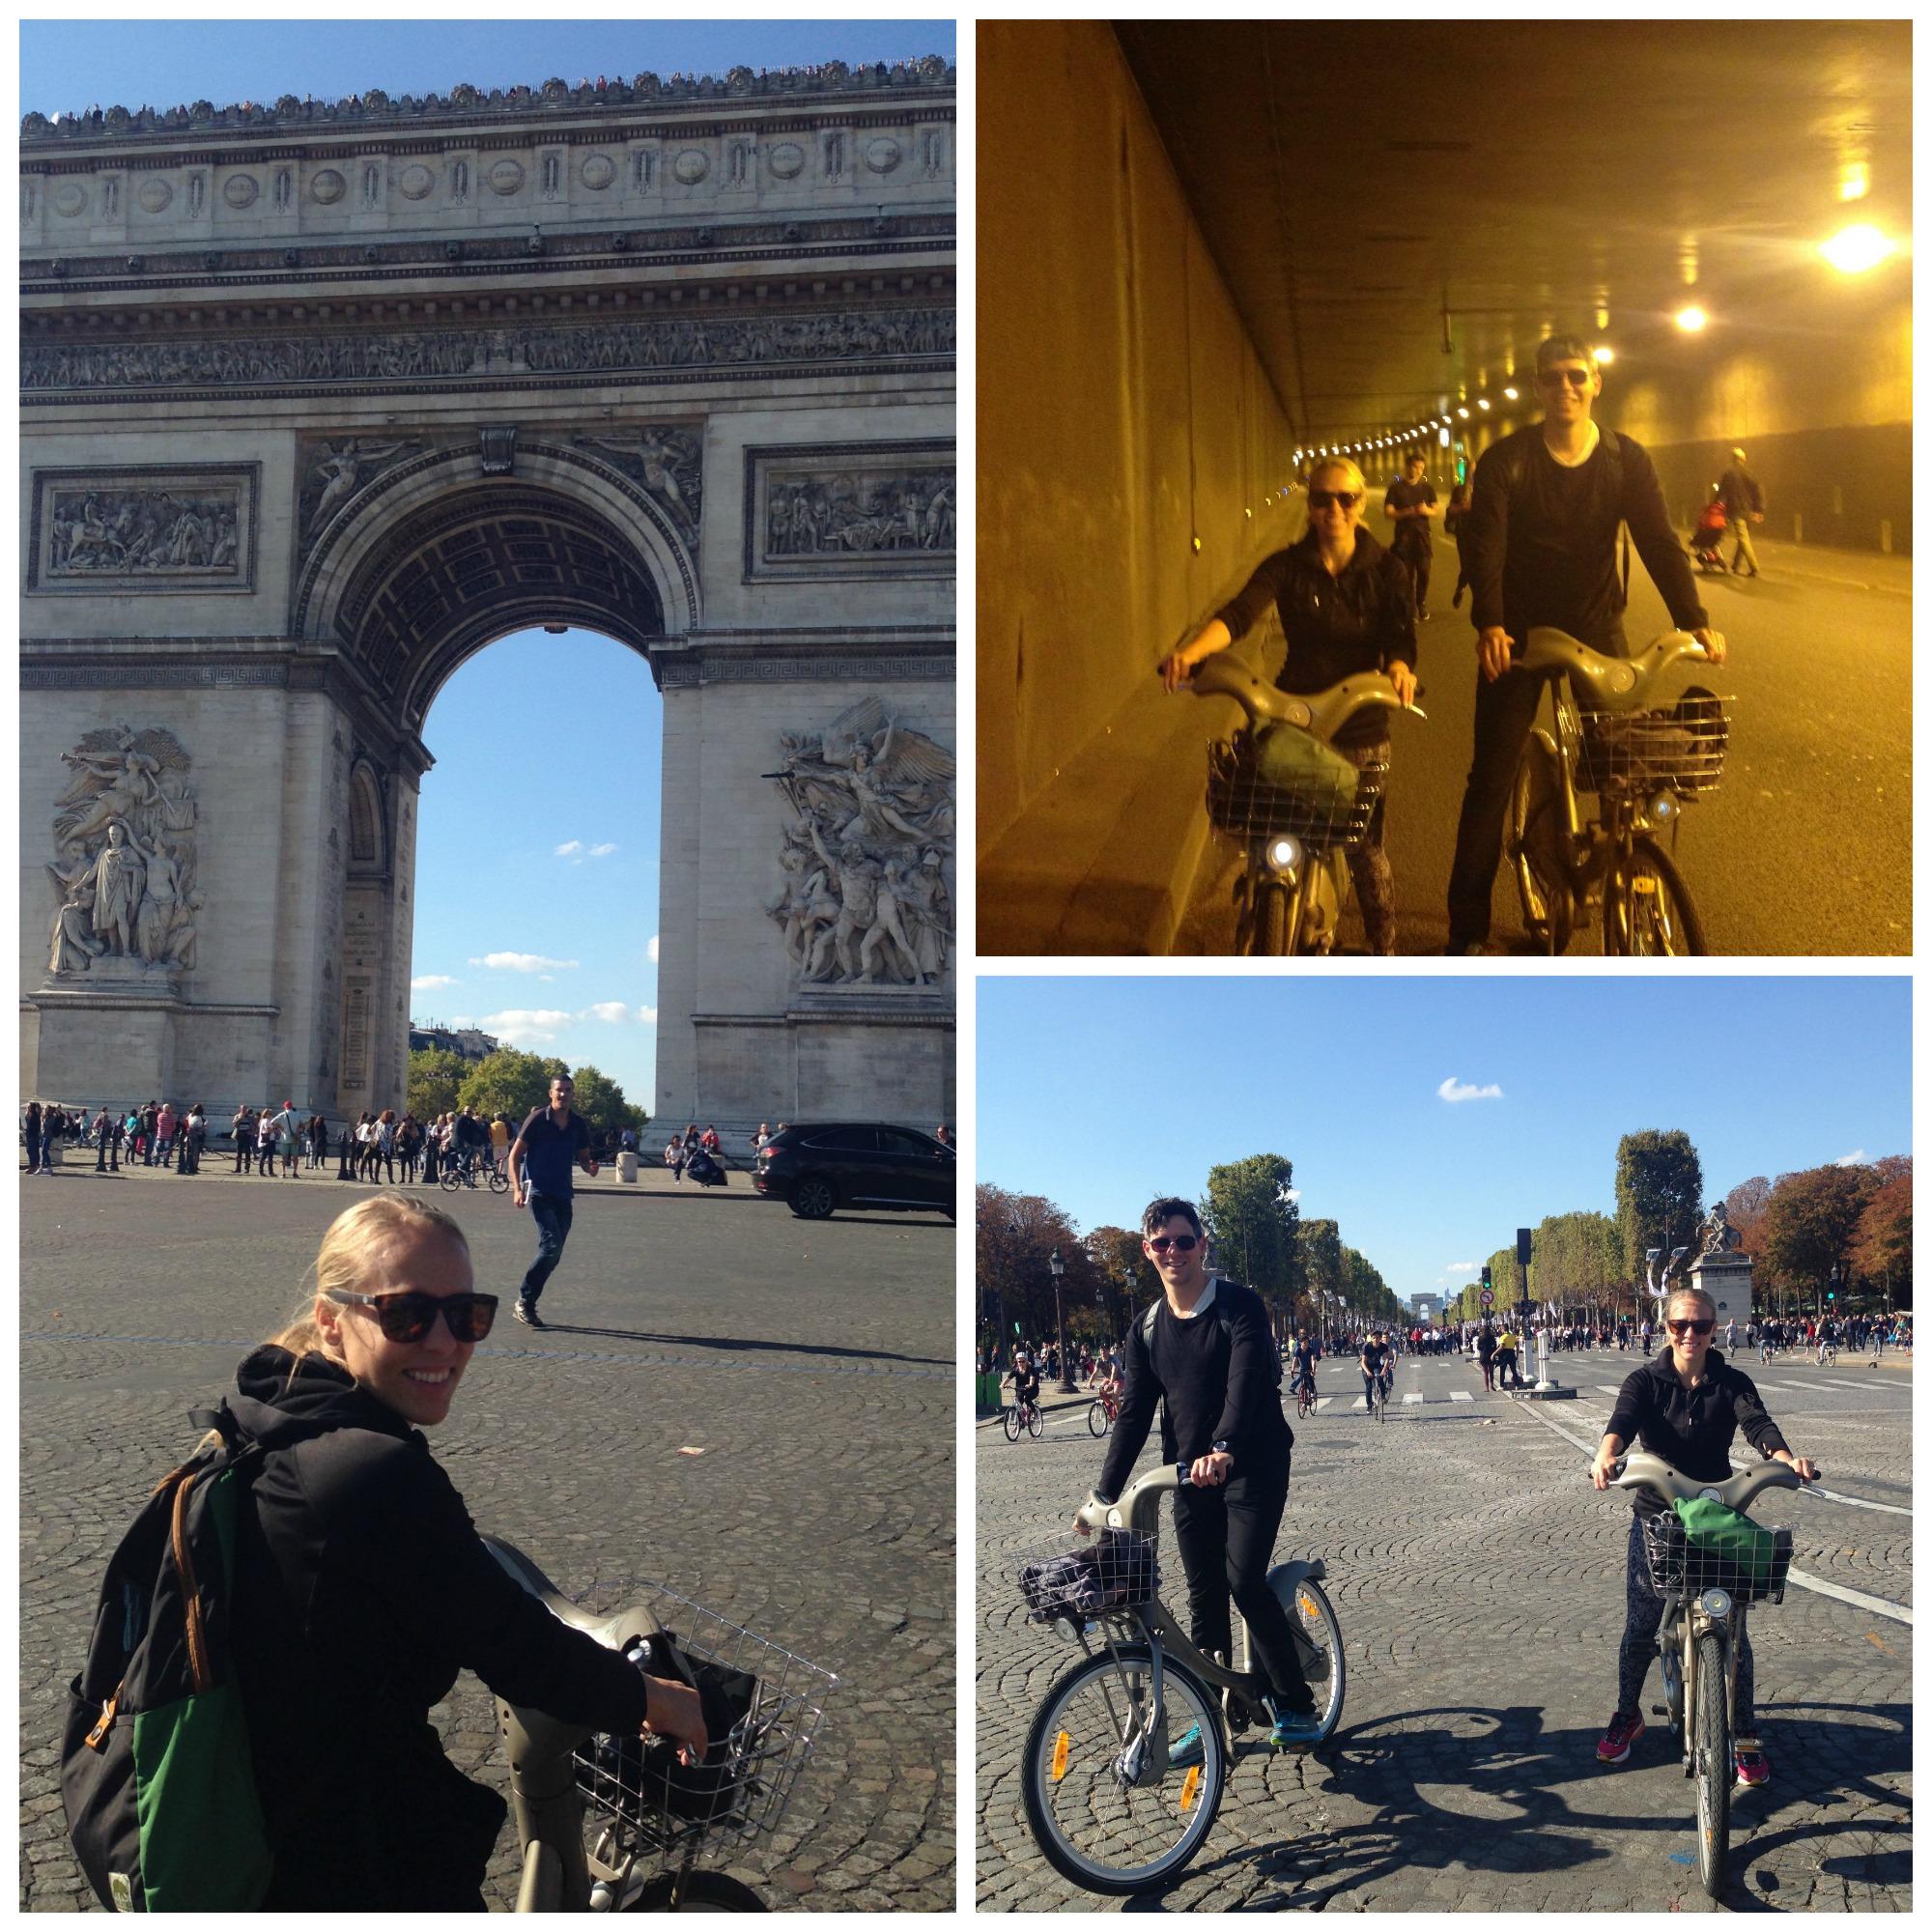 Paris by bike, sans (sort of) cars